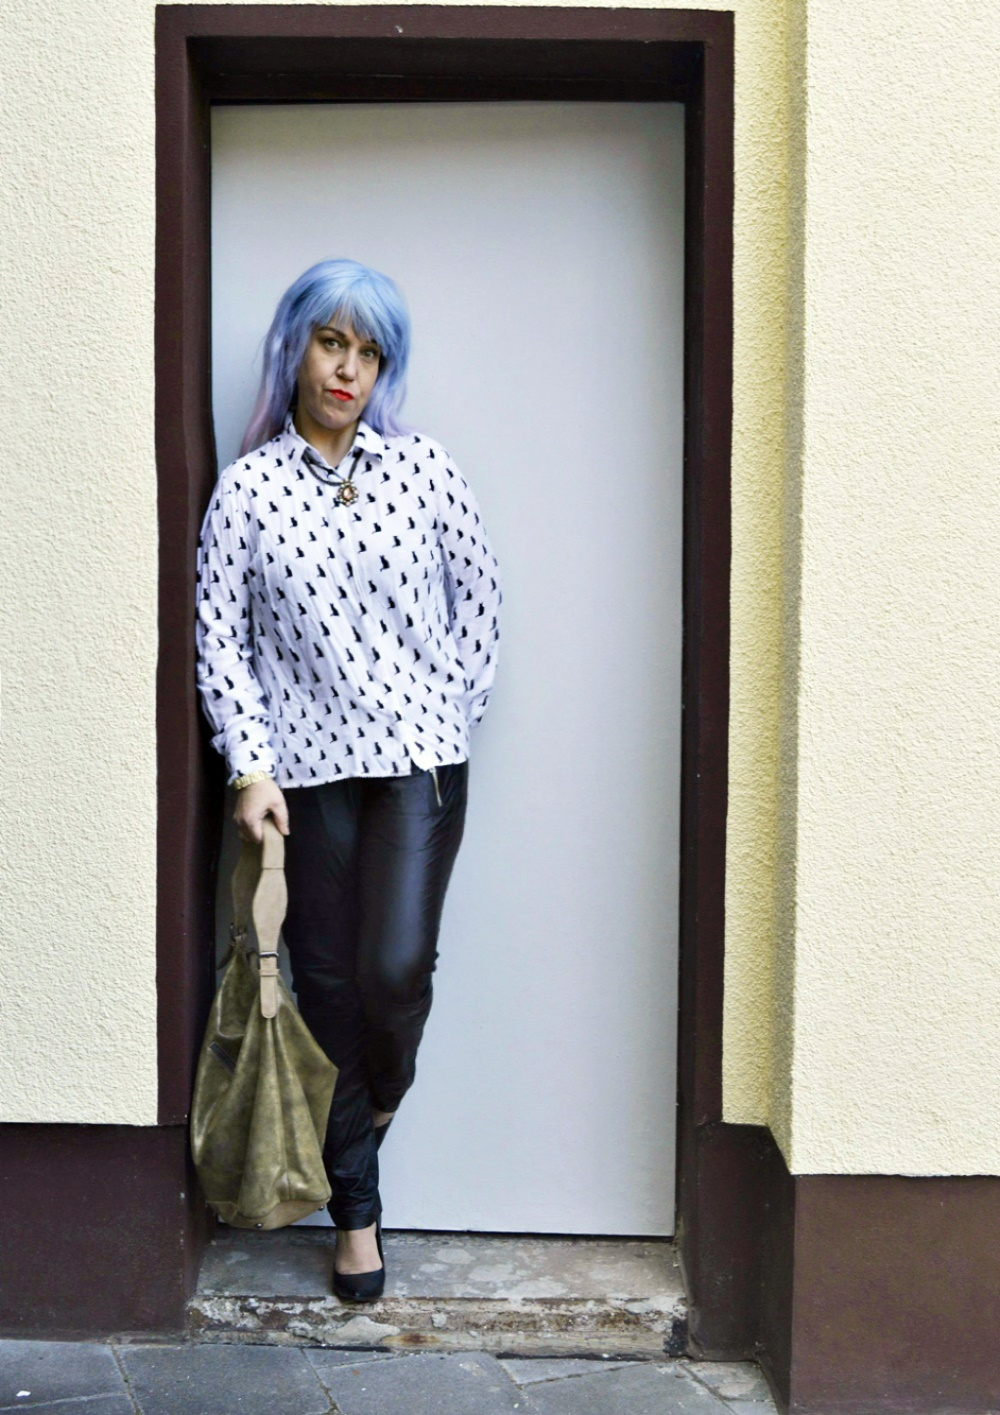 Autumn Streetstyle with Blouse & Retro adidas Blouson